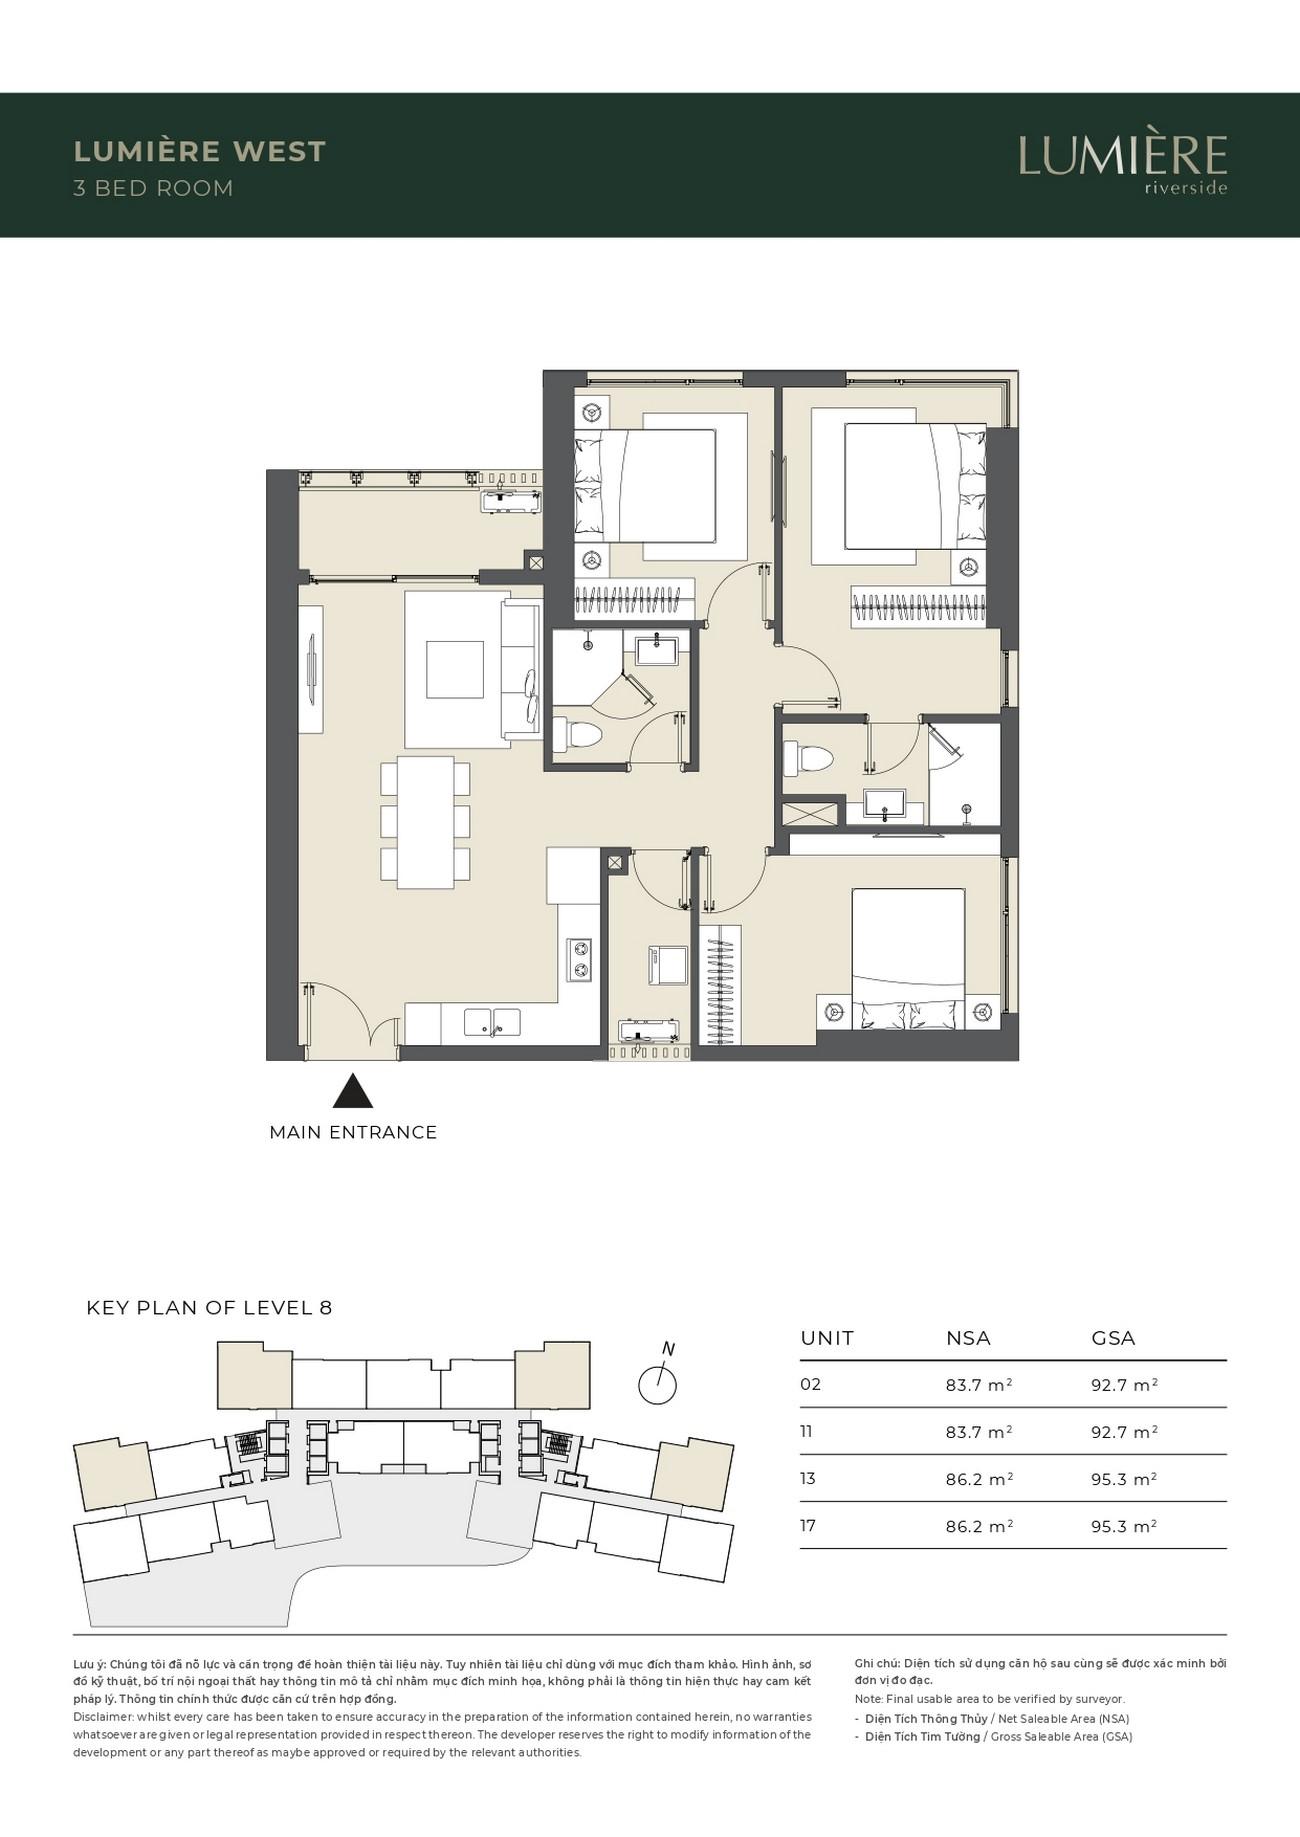 Thiết kế Masteri Lumiere Riverside: Căn hộ 3 phòng ngủ – 0942.098.890